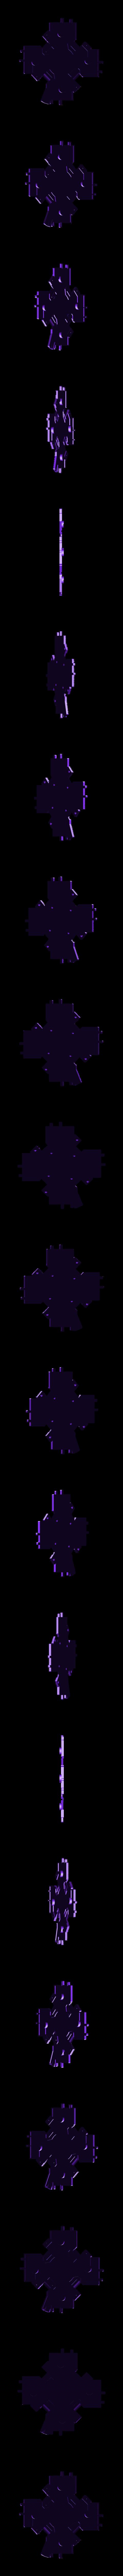 base_lid.stl Download free STL file Servo Flower • 3D printing model, Job